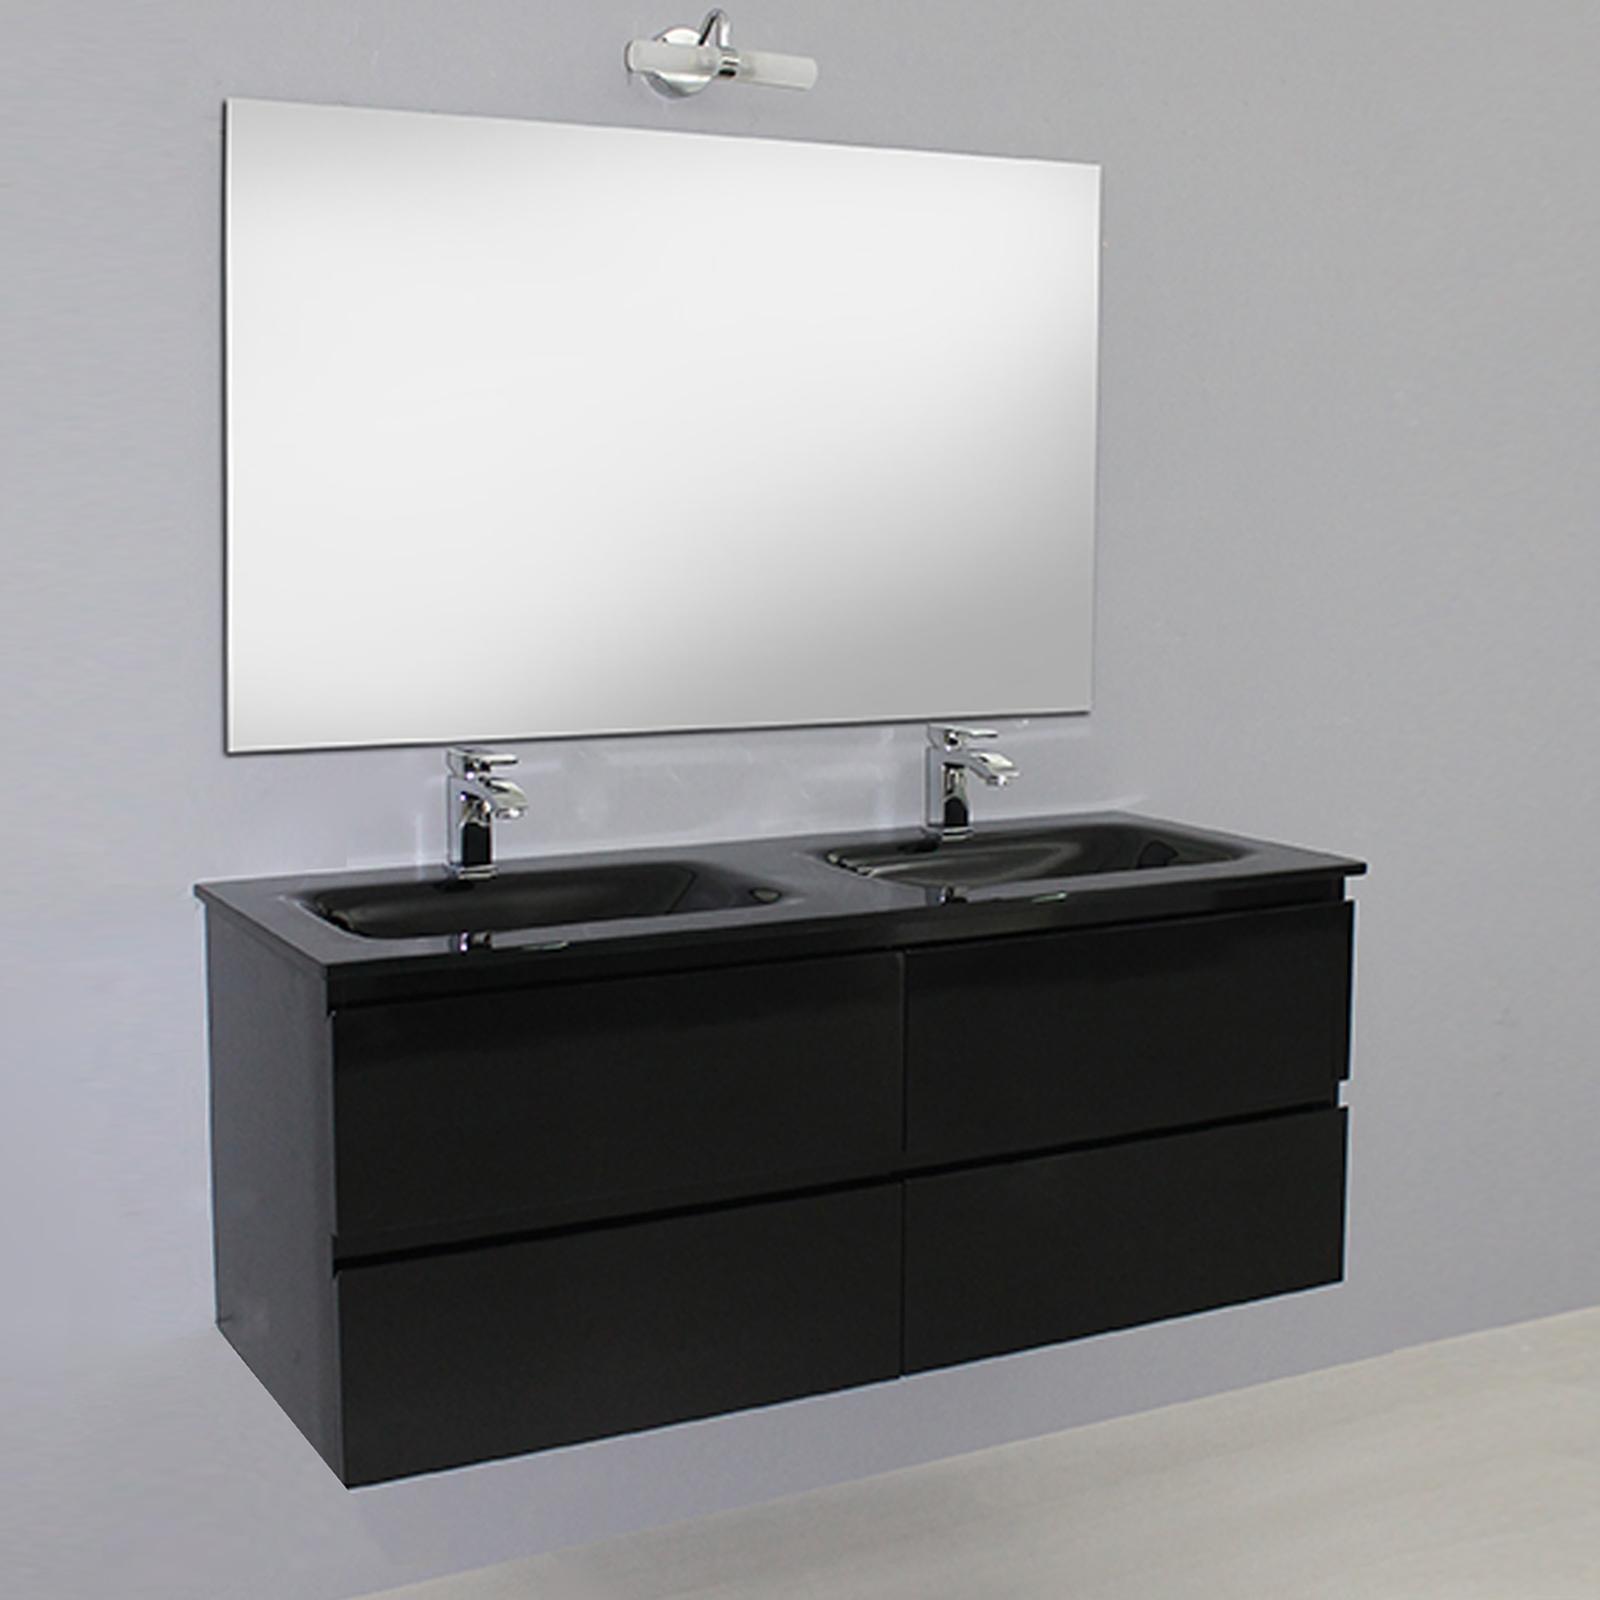 Meuble de salle de bain noir double vier 120 cm en - Double evier salle de bain ...